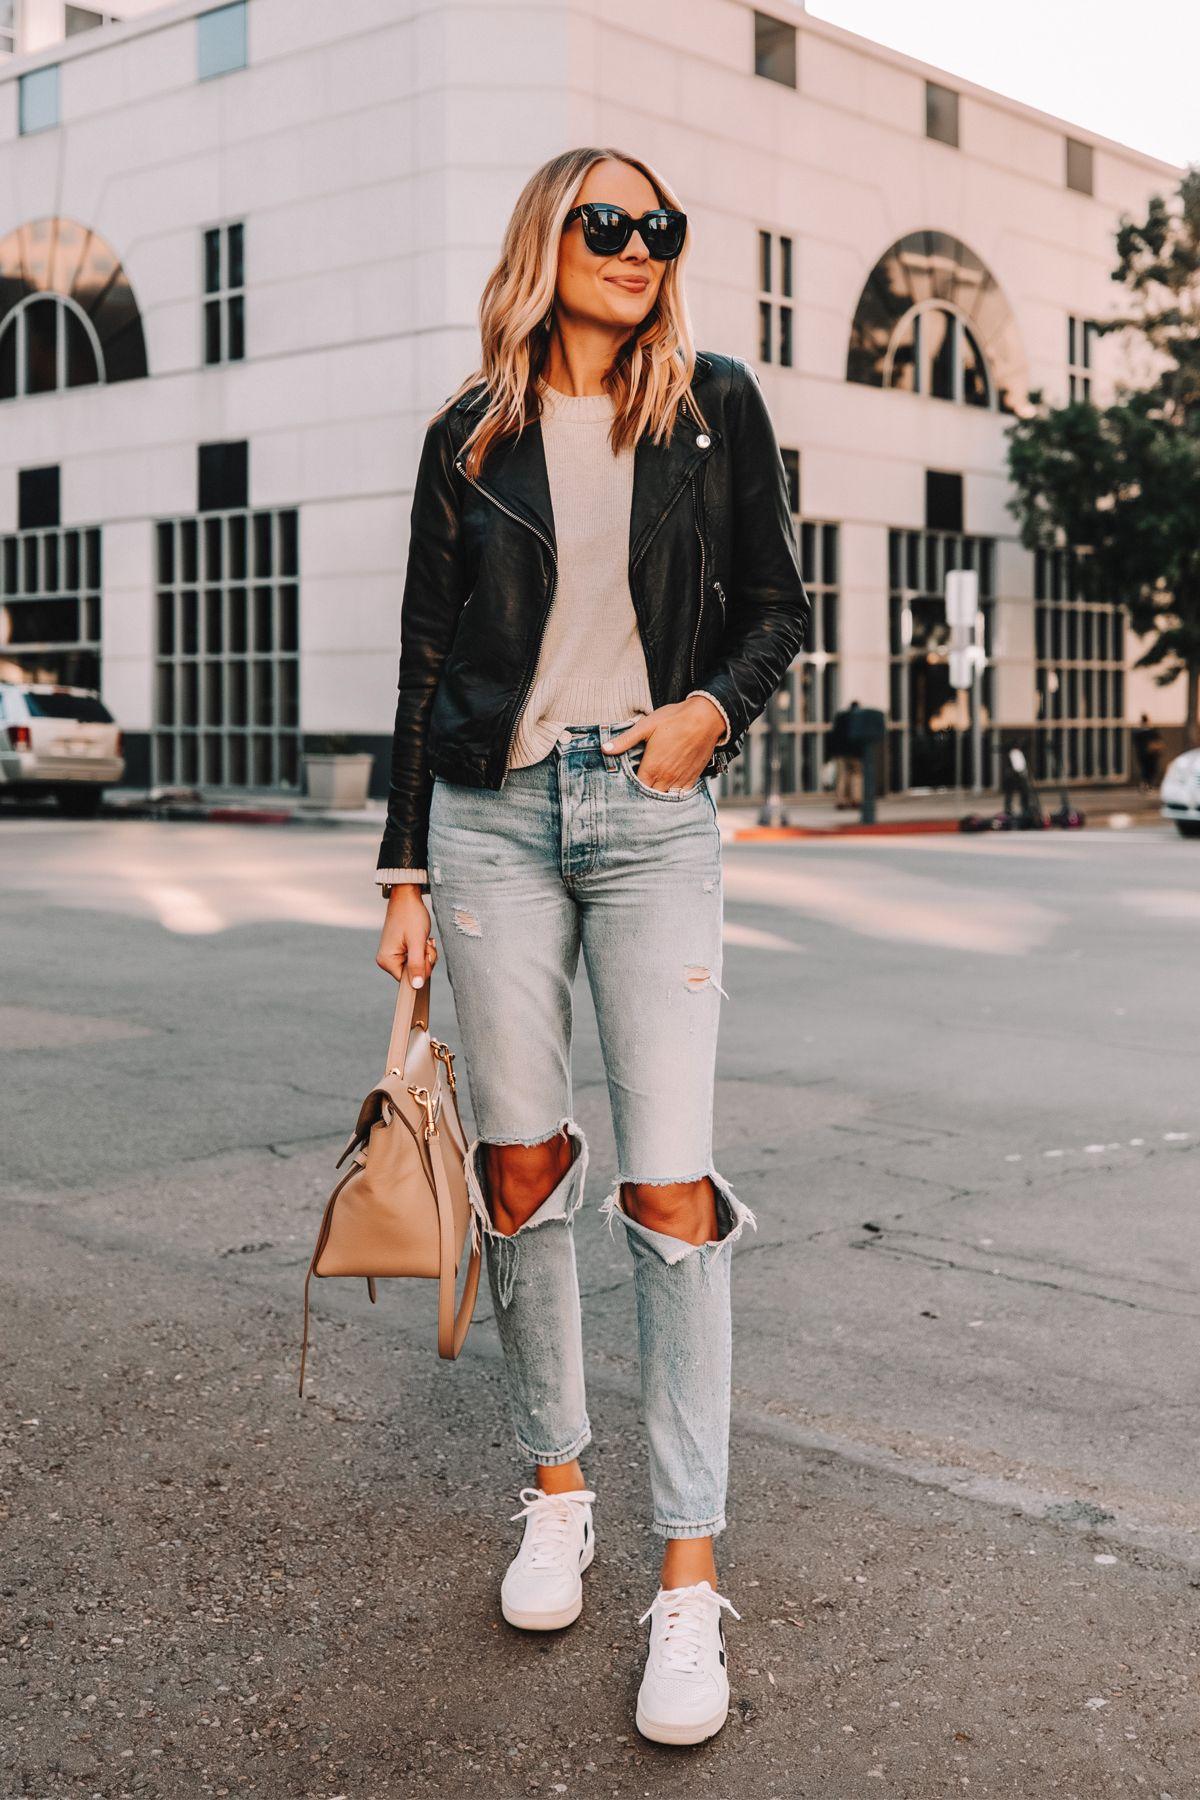 Fashion Jackson Wearing Madewell Black Leather Jacket Grey Sweater Boyish Ripped Jeans Veja V1 Leather Jacket Style Black Leather Jacket Outfit Fashion Jackson [ 1800 x 1200 Pixel ]